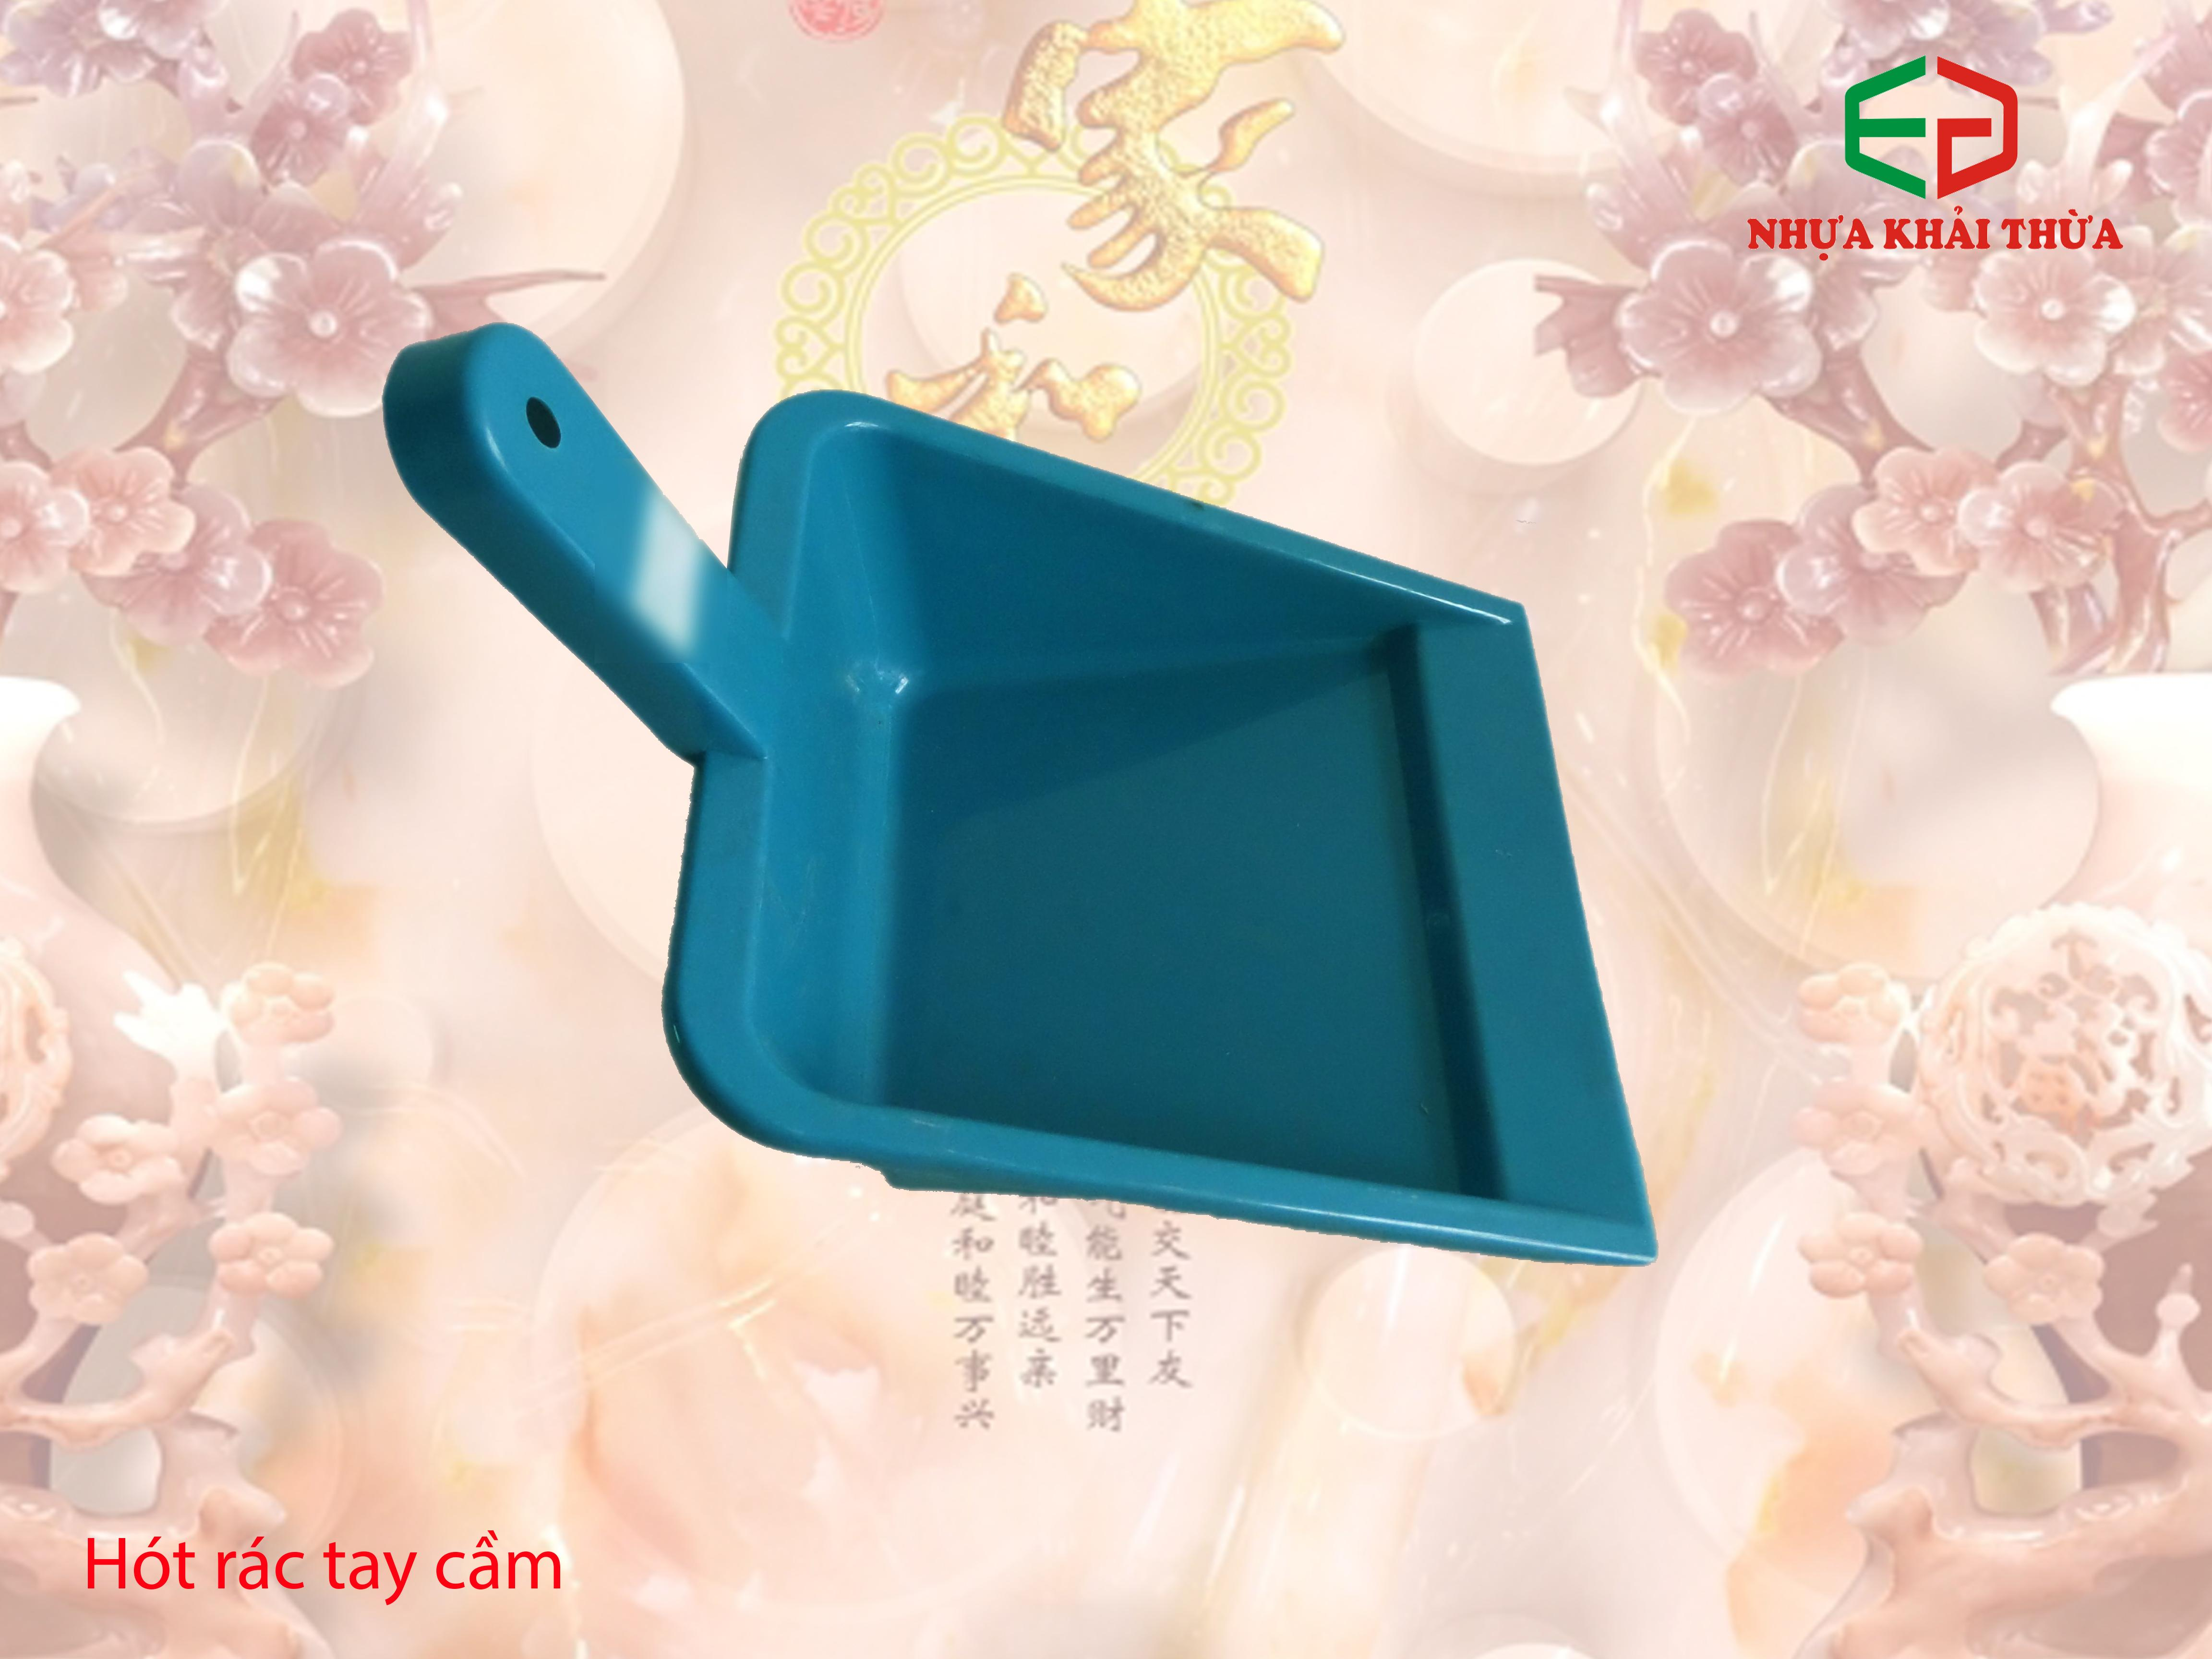 Hót rác tay cầm VN6001 - 210x250x210